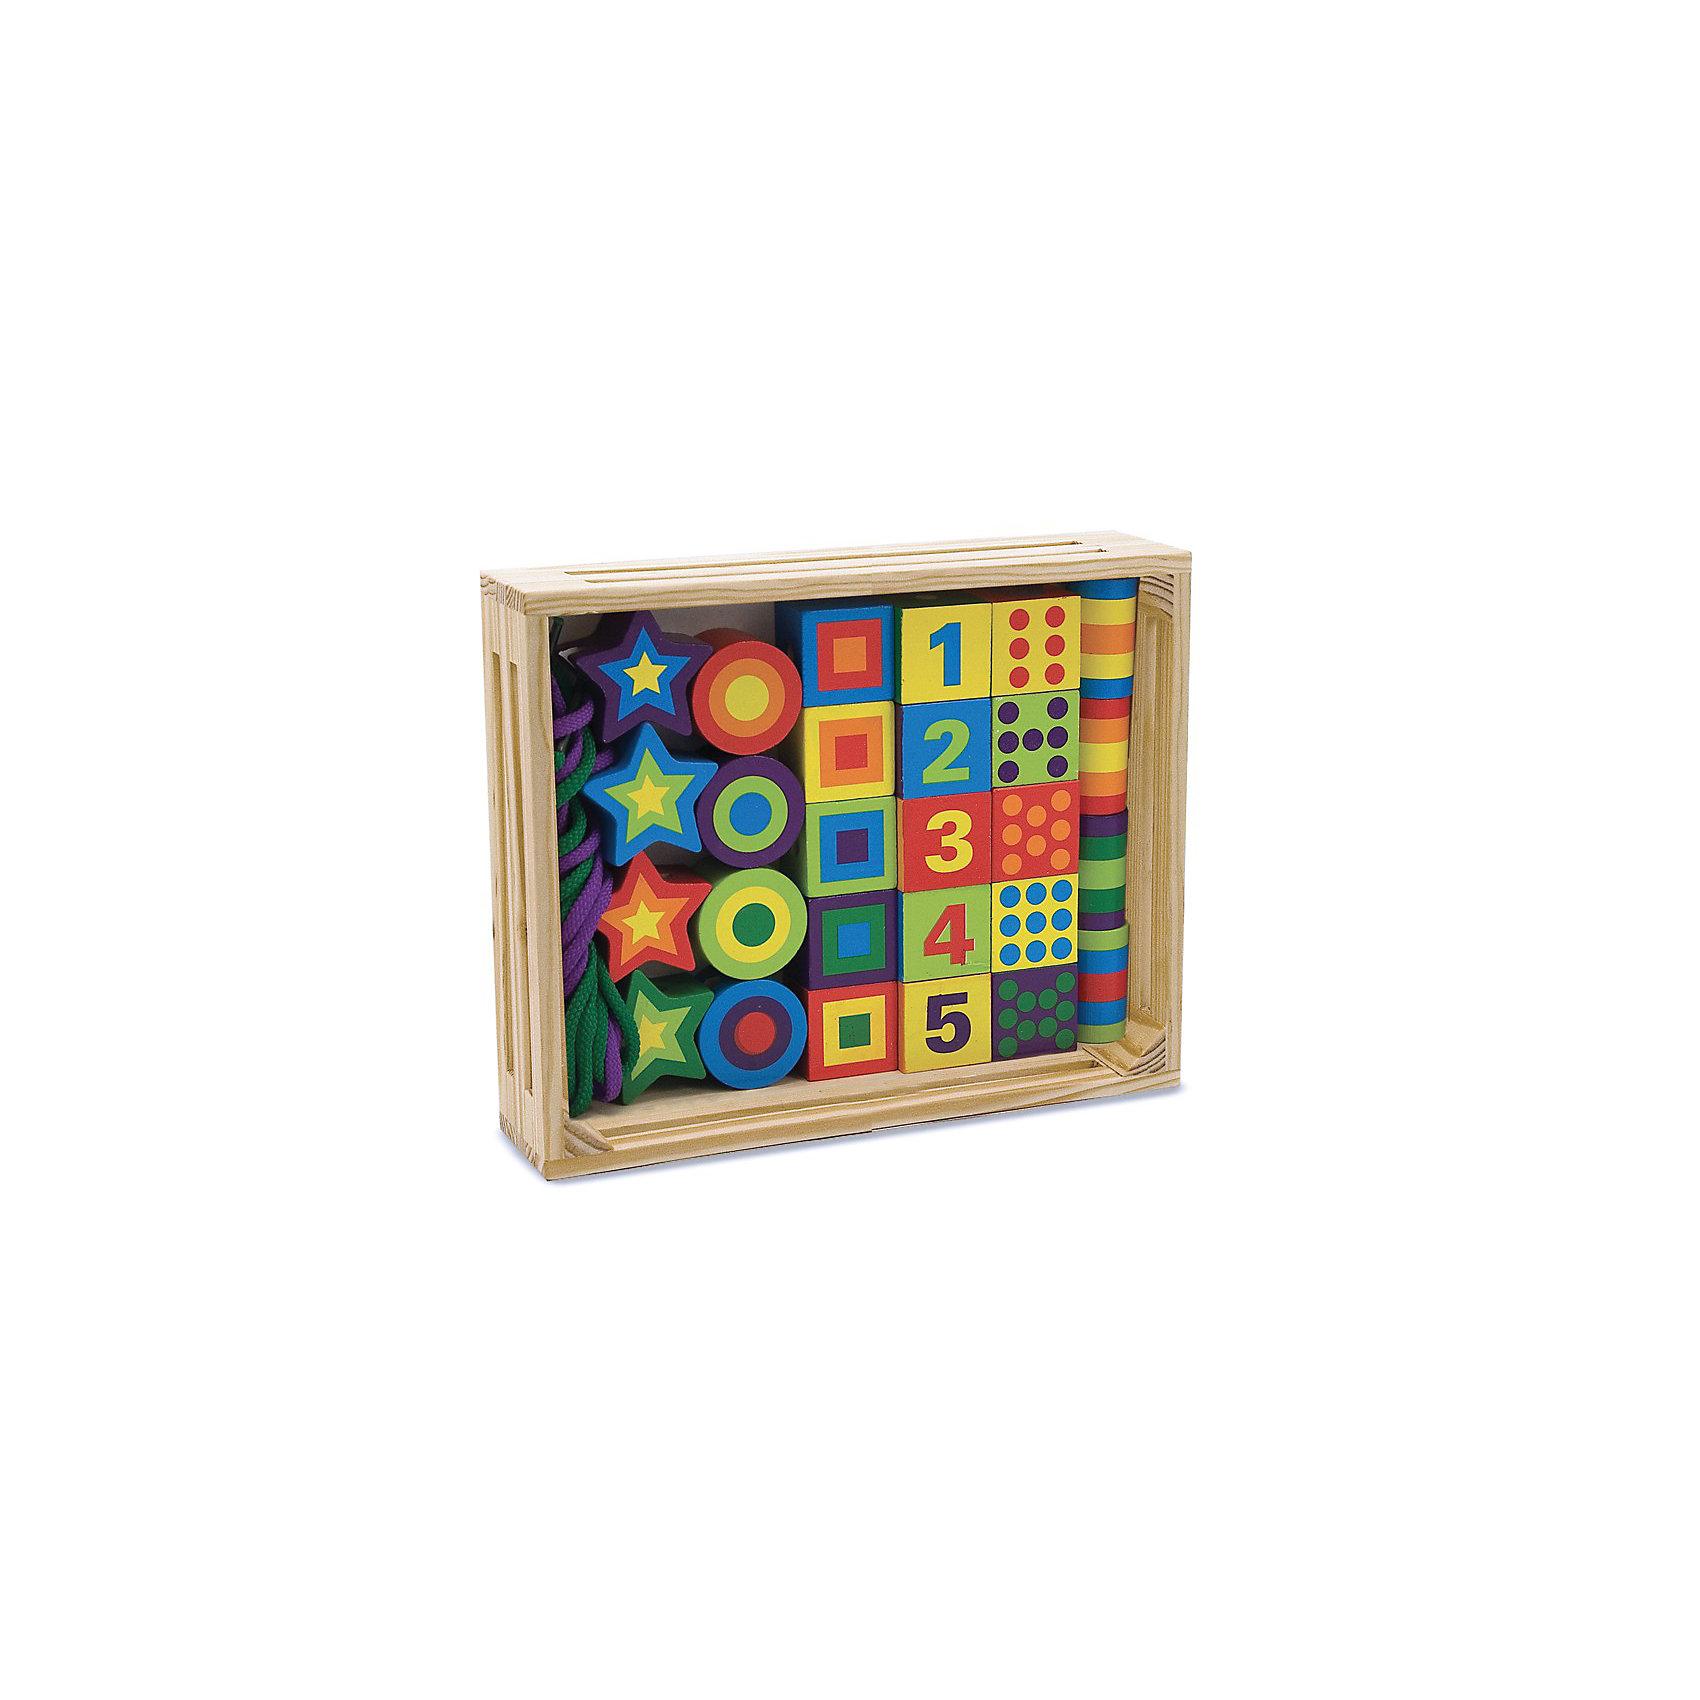 Сшивание бусин, Melissa &amp; DougПособия для обучения счёту<br>Сшивание бусин, Melissa &amp; Doug<br><br>Характеристики:<br><br>• познакомит ребенка с формами, цветами и цифрами<br>• множество вариантов для игры<br>• в комплекте: бусинки, кубики, звездочки, 2 шнурка<br>• материал: дерево, текстиль<br>• размер упаковки: 25х5х20 см<br>• вес: 700 грамм<br><br>Игровой набор Сшивание бусин поможет малышу провести время с интересом и пользой. В набор входят шнурки, бусины, кубики и звездочки. Кроха сможет создать бусики, нанизывая детали на шнурок, построить башенку, выучить цвета, формы и цифры. Игрушки изготовлены из шлифованного дерева и покрыты нетоксичными красками. Это делает игрушки полностью безопасными для малышей. Играя с бусинами, малыш развивает фантазию, мелкую моторику, логическое мышление и память. Прекрасный подарок для любознательных деток!<br><br>Сшивание бусин, Melissa &amp; Doug вы можете купить в нашем интернет-магазине.<br><br>Ширина мм: 40<br>Глубина мм: 190<br>Высота мм: 250<br>Вес г: 710<br>Возраст от месяцев: 72<br>Возраст до месяцев: 120<br>Пол: Унисекс<br>Возраст: Детский<br>SKU: 2401074